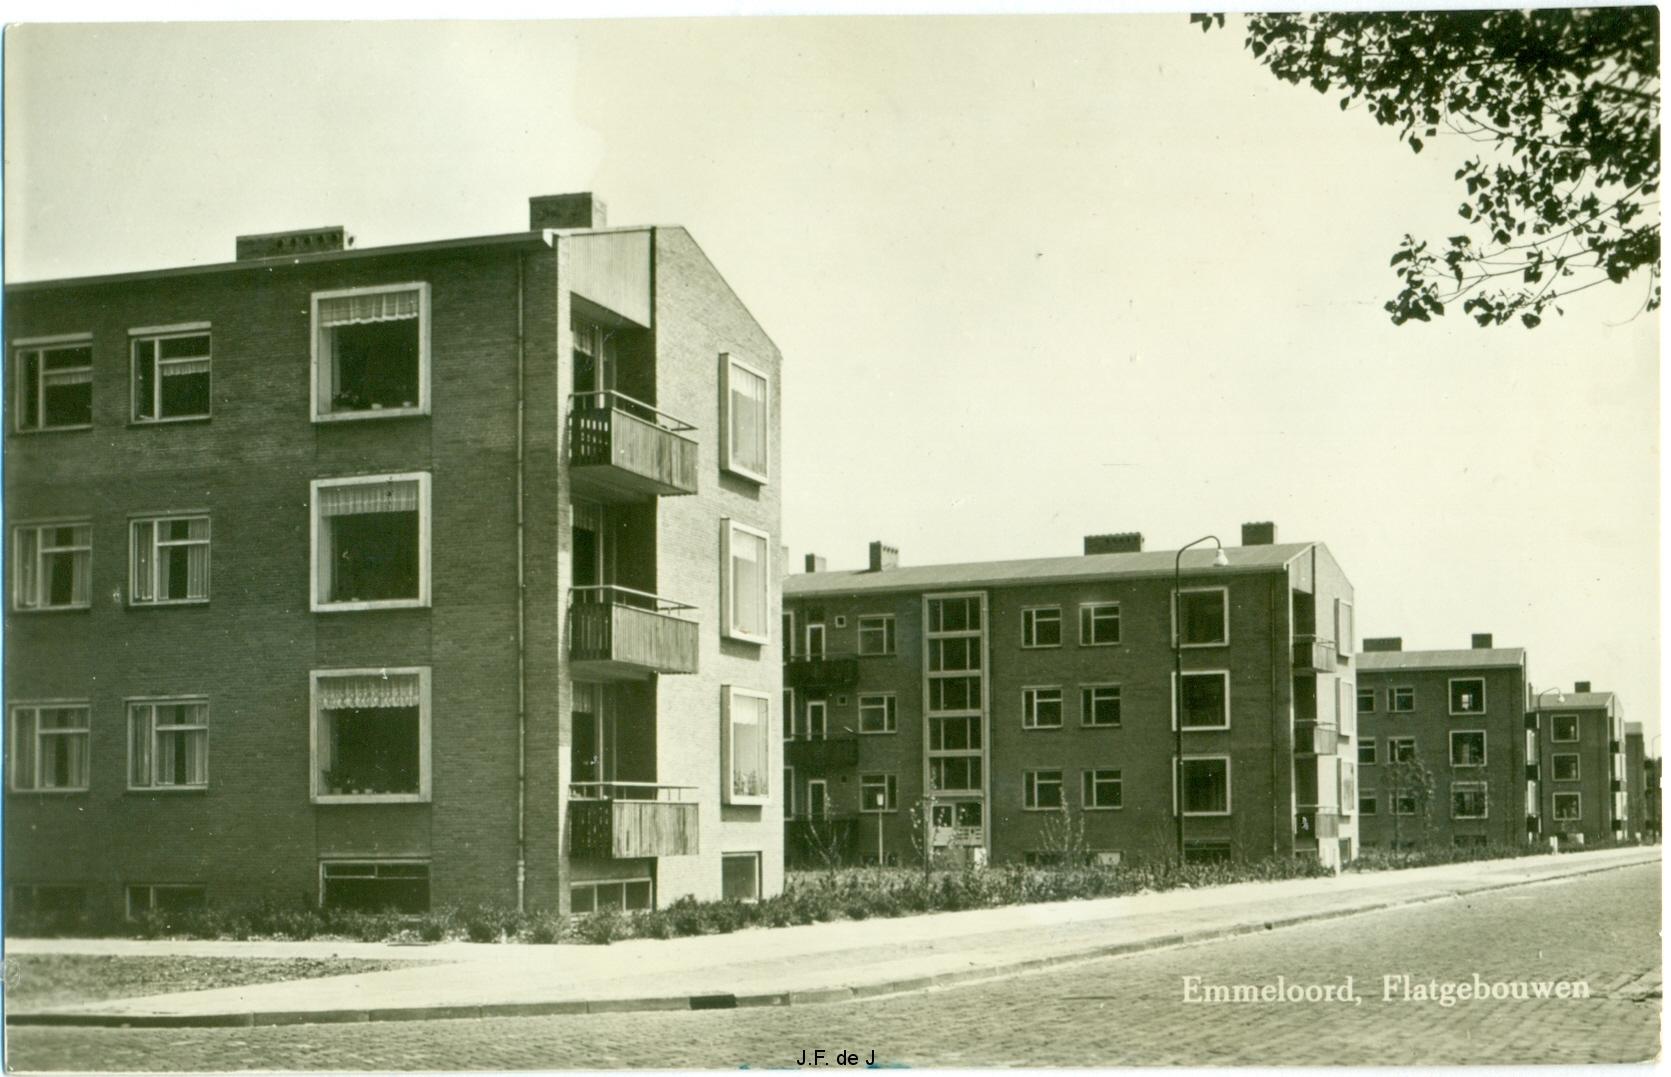 Flatgebouwen Emmeloord